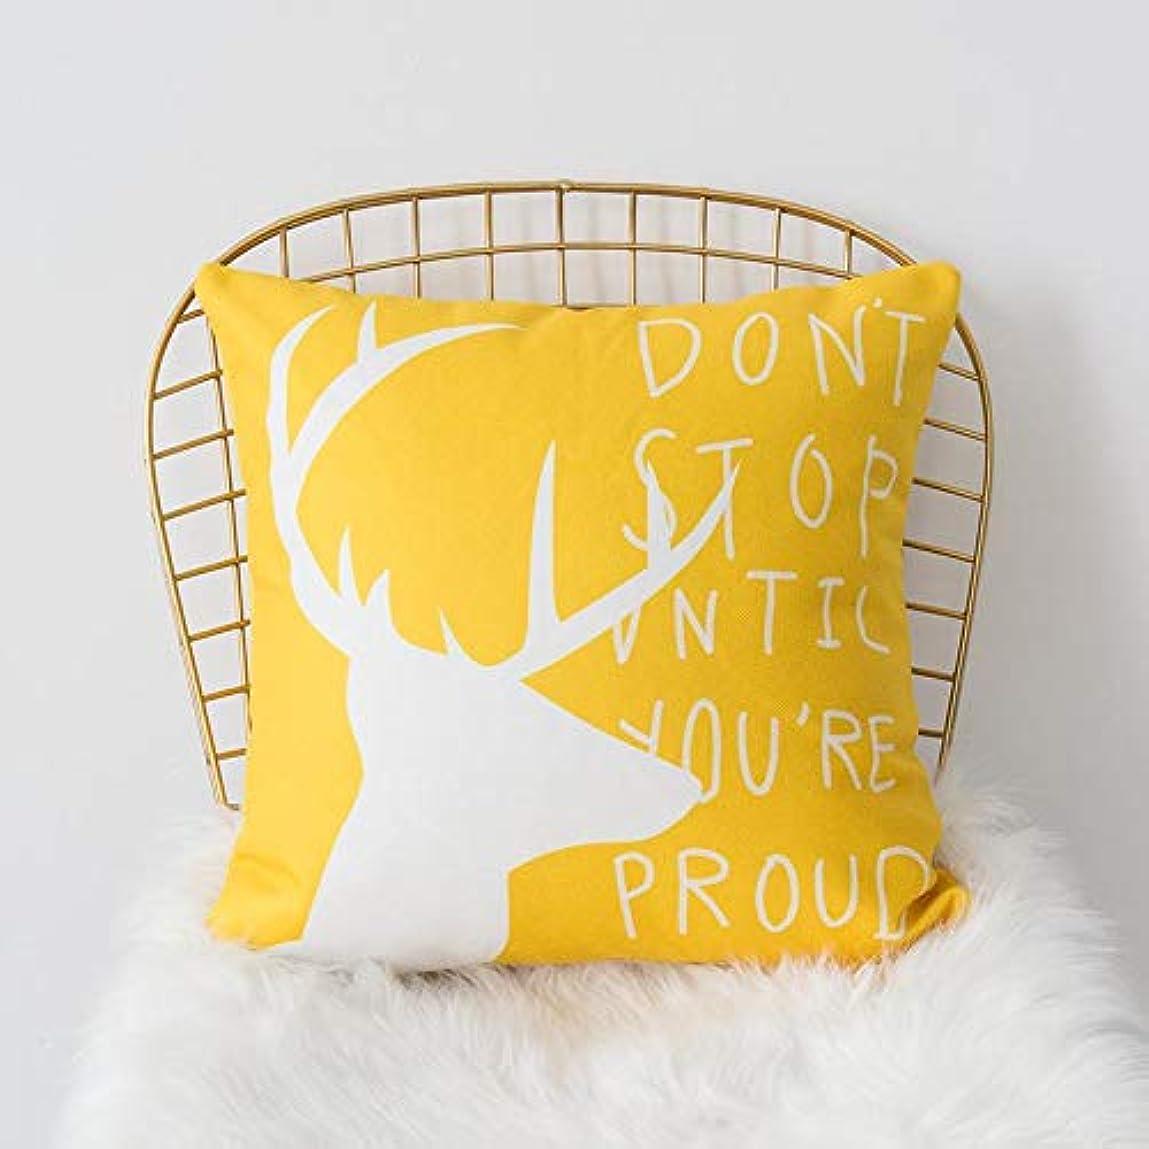 摂動矢印スクラップLIFE 黄色グレー枕北欧スタイル黄色ヘラジカ幾何枕リビングルームのインテリアソファクッション Cojines 装飾良質 クッション 椅子